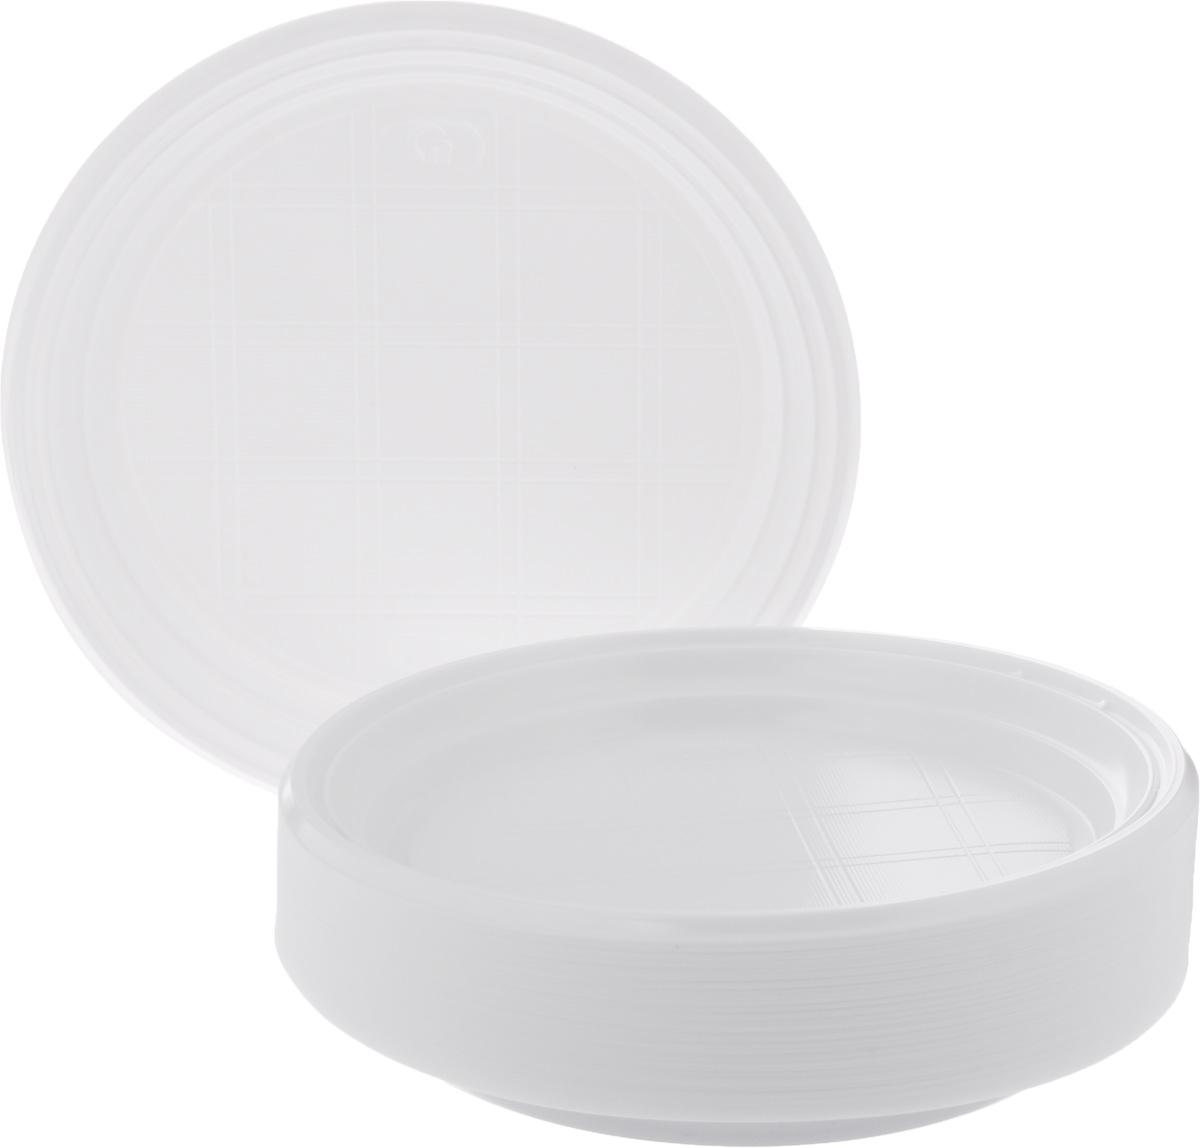 Набор одноразовых тарелок Стиролпласт, диаметр 20,5 см, 100 штукПОС08188Набор Стиролпласт состоит из 100 круглых тарелок, выполненных из полистирола и предназначенных для одноразового использования. Подходят для пищевых продуктов.Одноразовые тарелки будут незаменимы при поездках на природу, пикниках и других мероприятиях. Они не займут много места, легки и самое главное - после использования их не надо мыть.Диаметр тарелки: 20,5 см.Высота тарелки: 2 см.